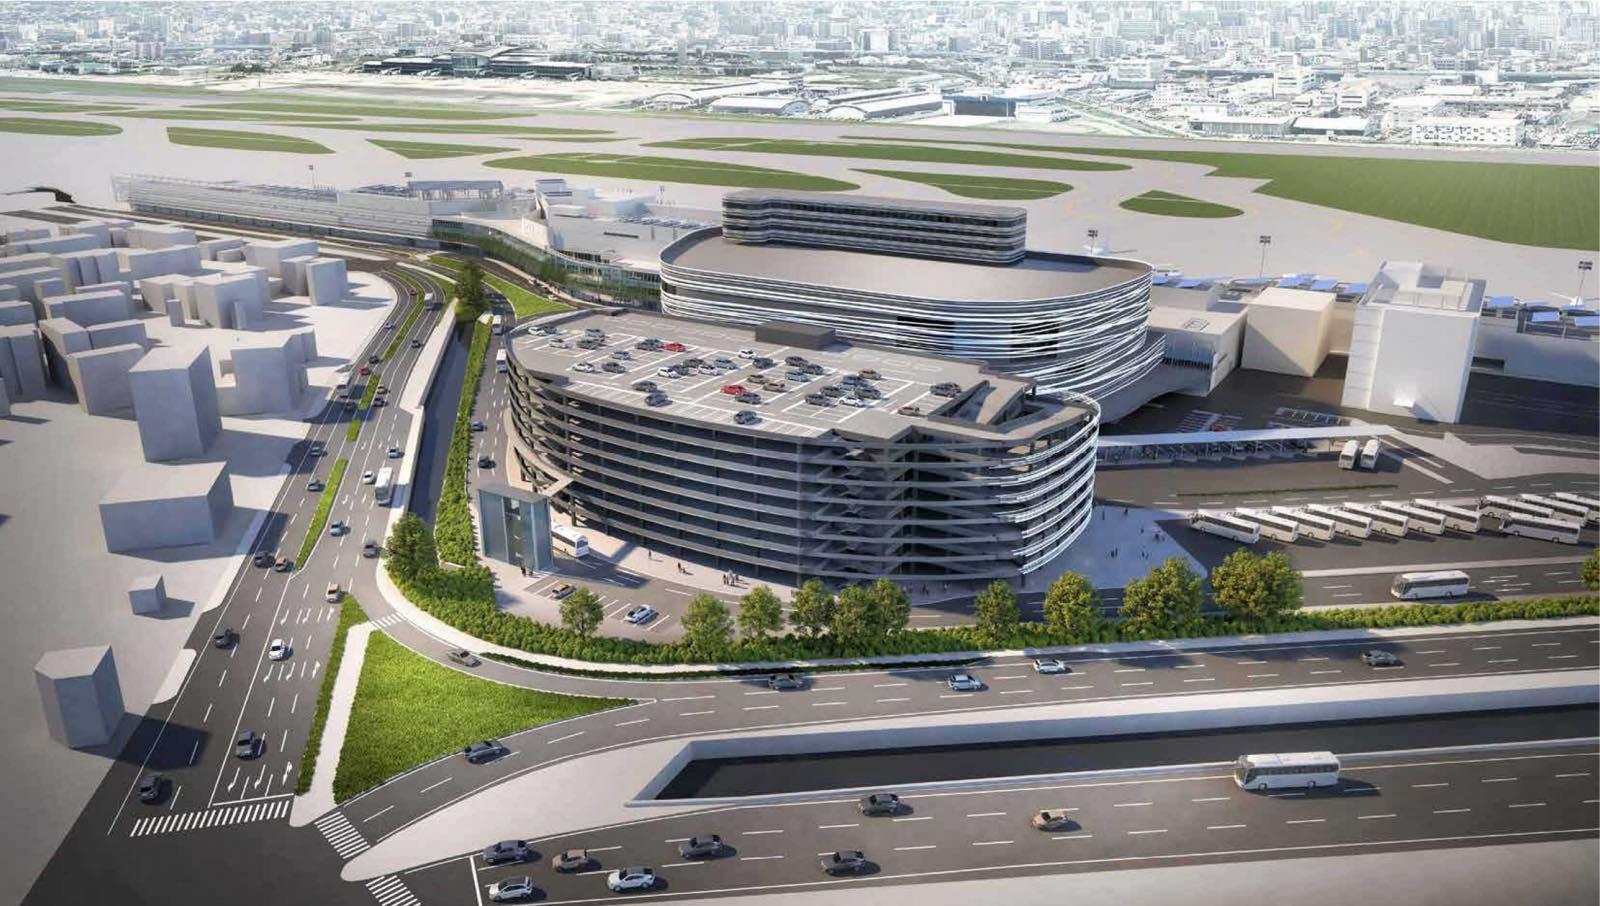 福岡 国際 空港 駐 車場